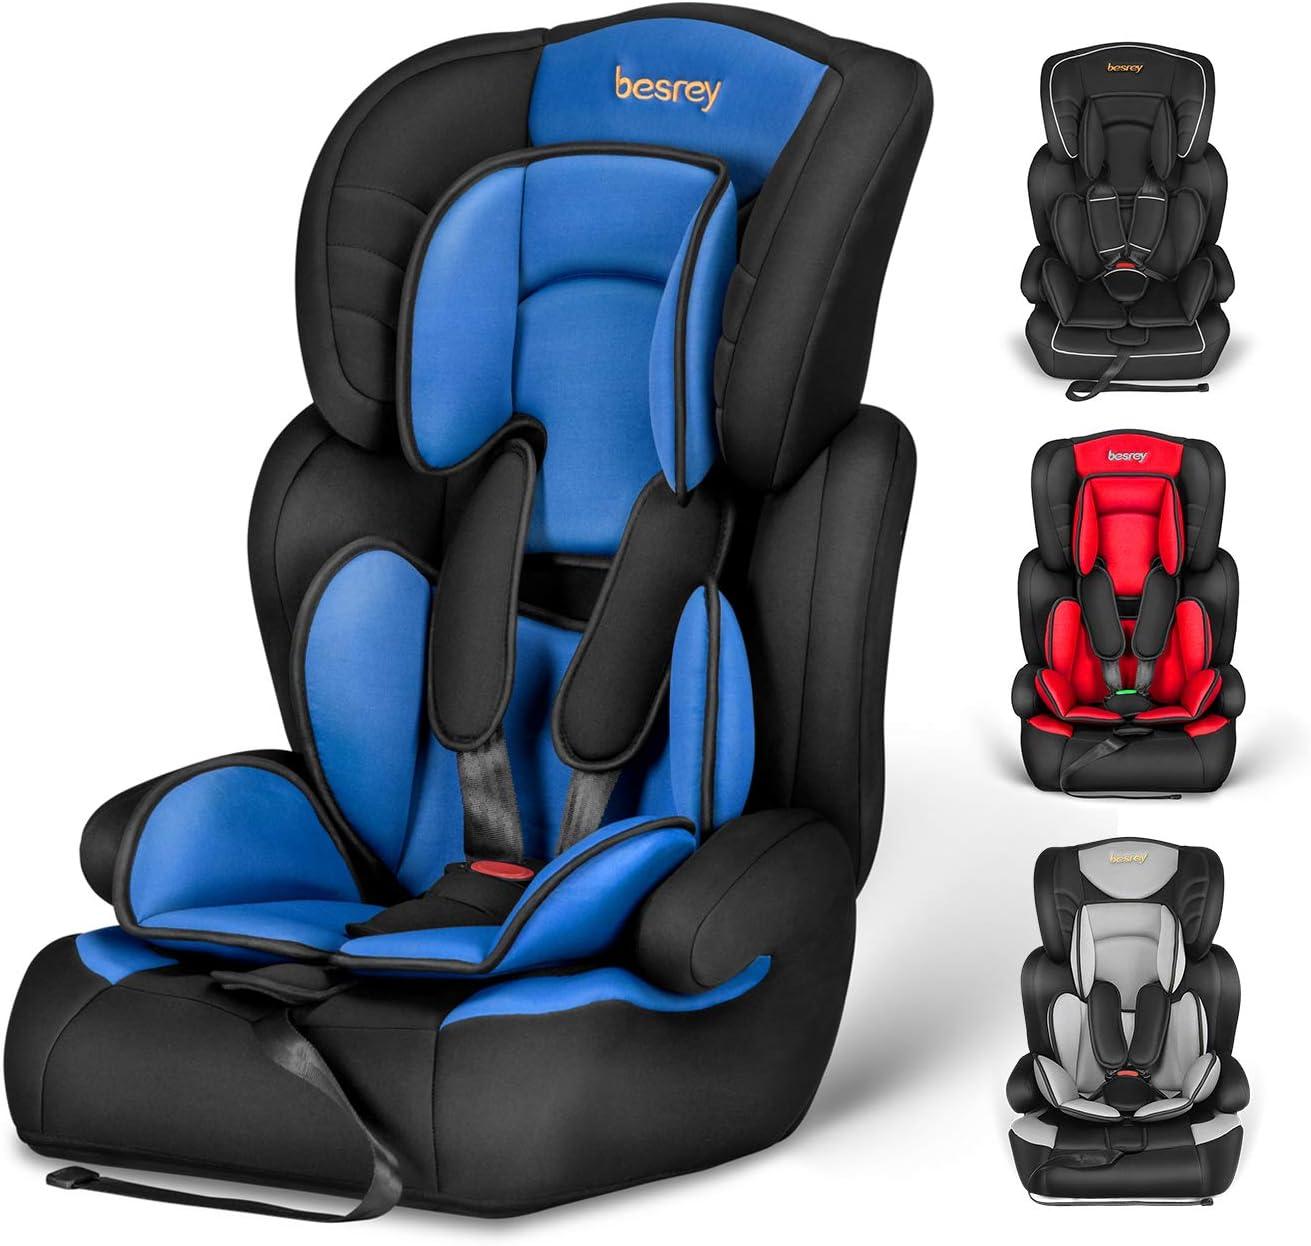 Silla de coche, Besrey bebe silla coche Grupo 1/2/3 para bebe/niños desde 9 meses a 12 años, 5 puntos fijos, Reposacabezas ajuste de altura de 4 posiciones, Puede sentarse o sentarse(Azul de moda)